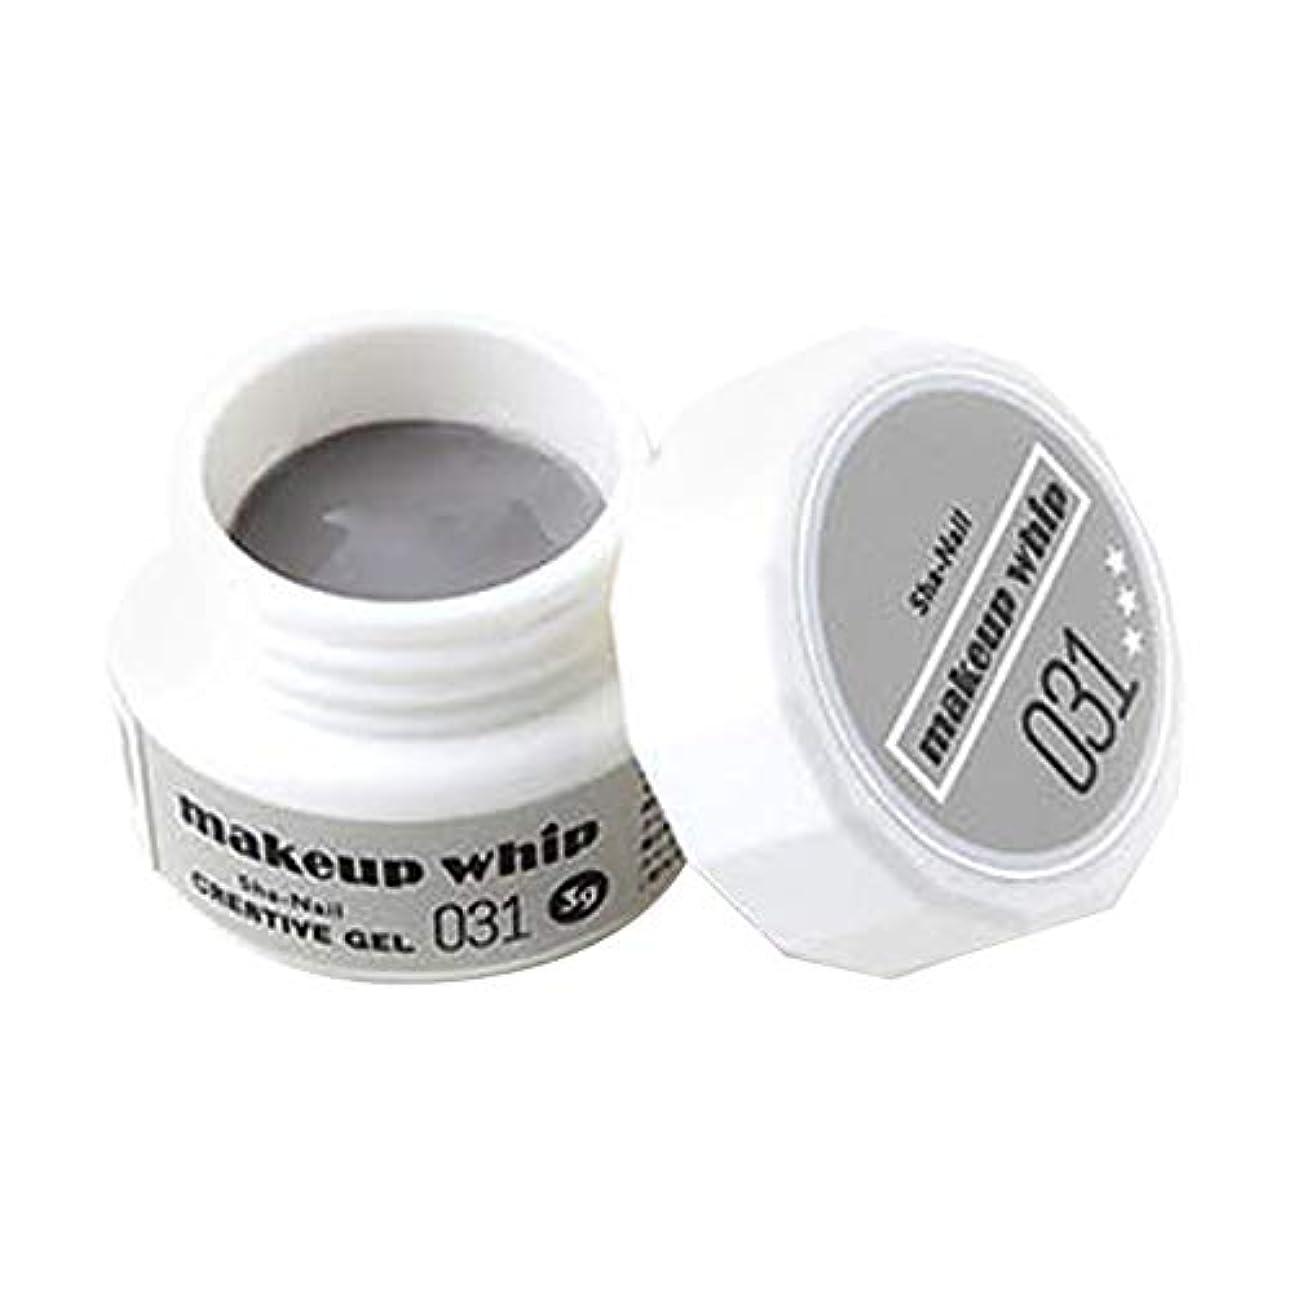 中性ステープル拳Sha-Nail Creative Gel メイクアップホイップカラー 031 マット 3g UV/LED対応